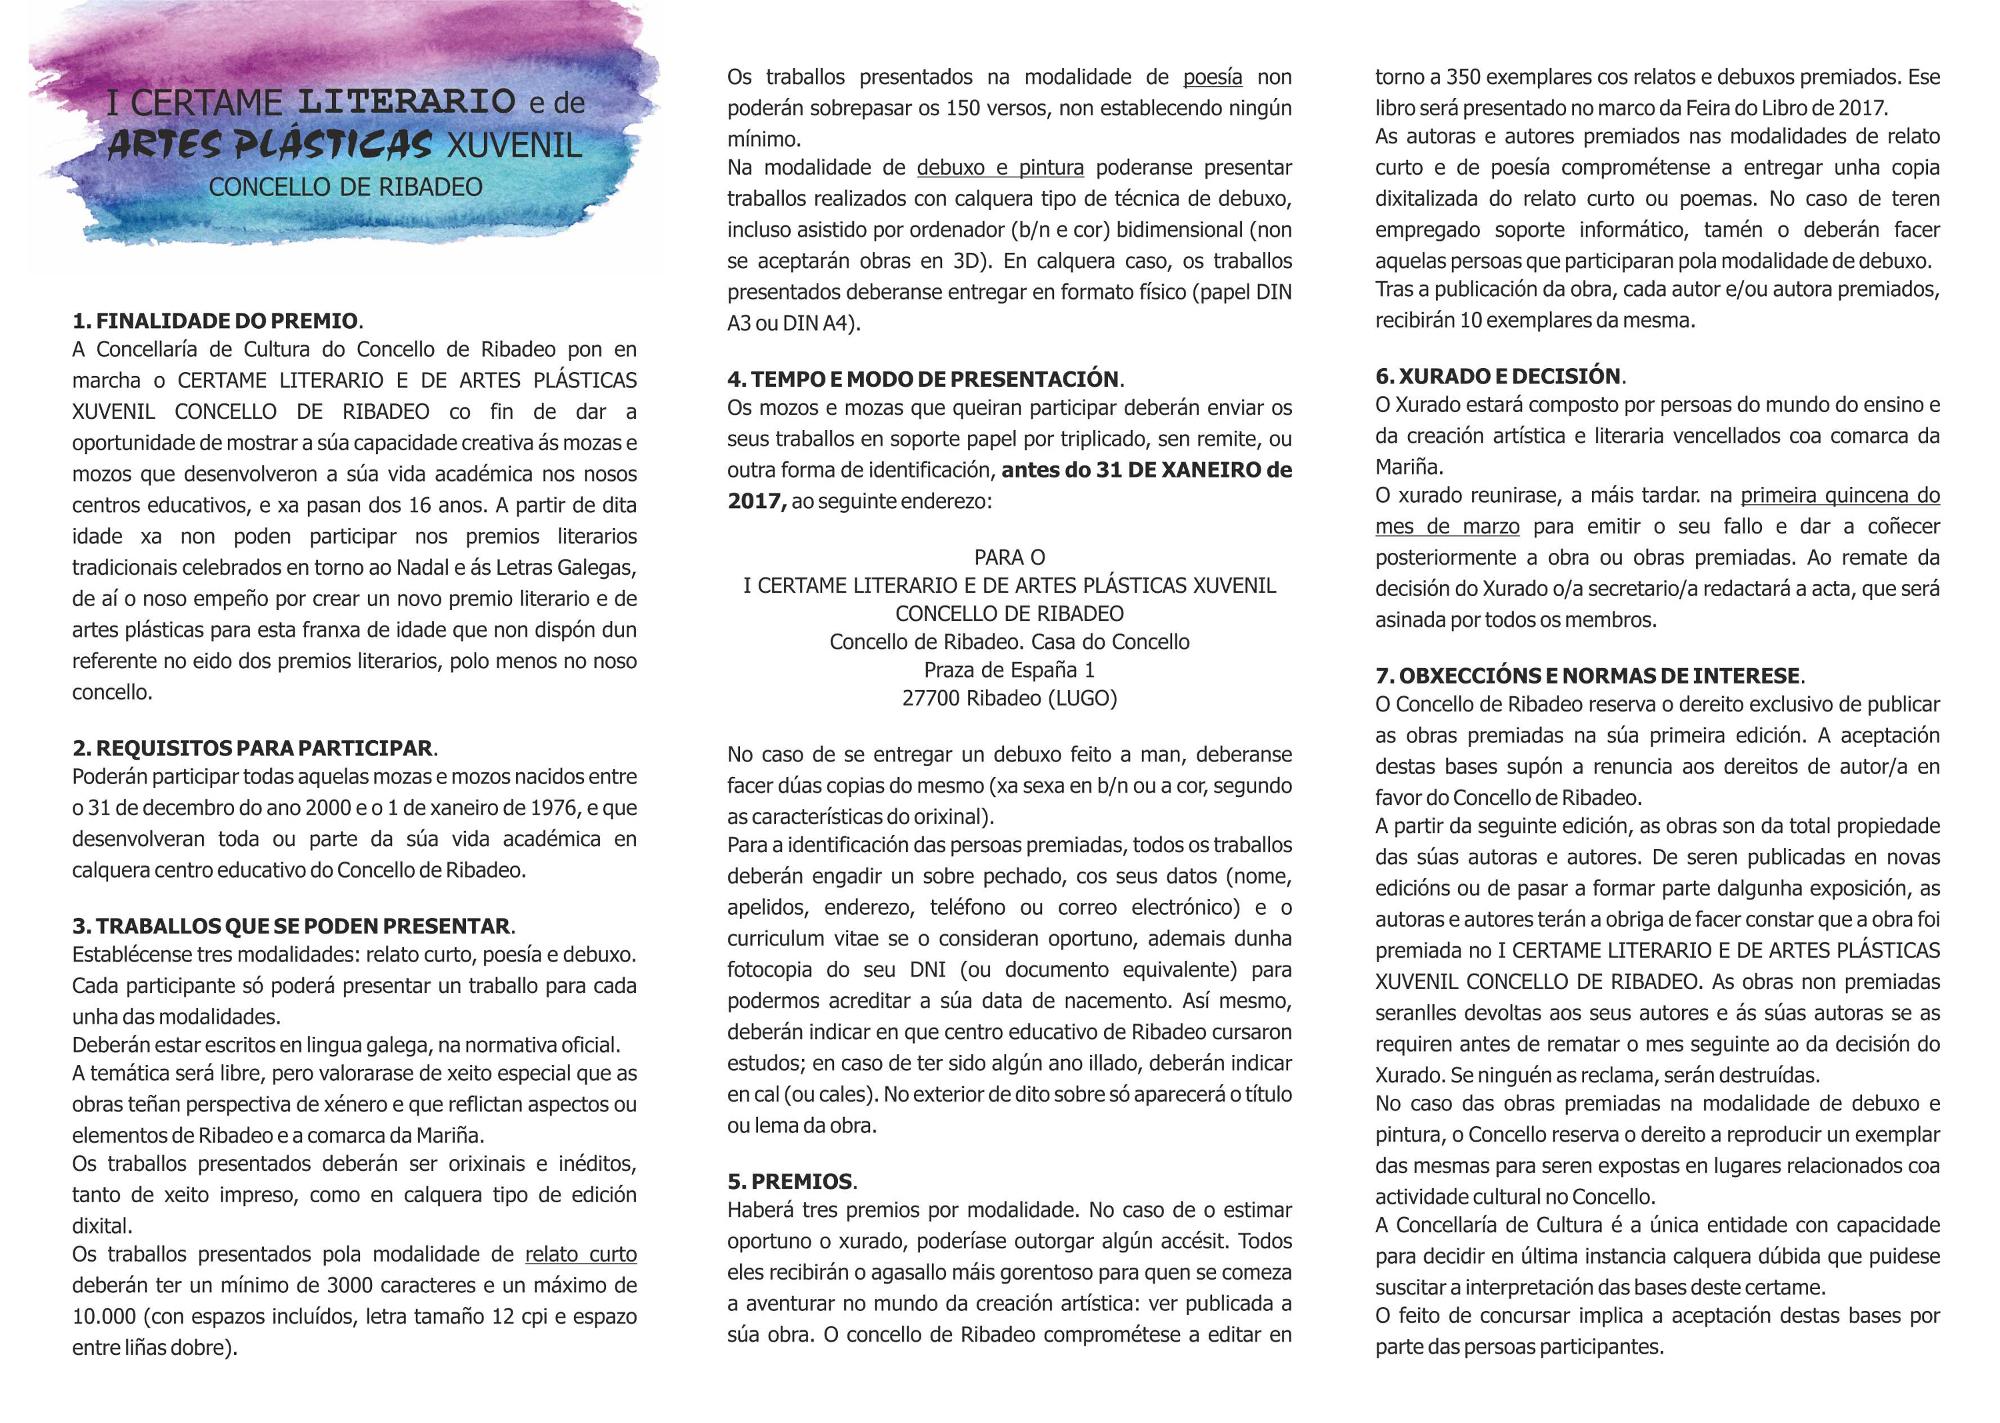 certame-literario-e-artes-plasticas-xuvenil-concello-de-ribadeo-1-2016